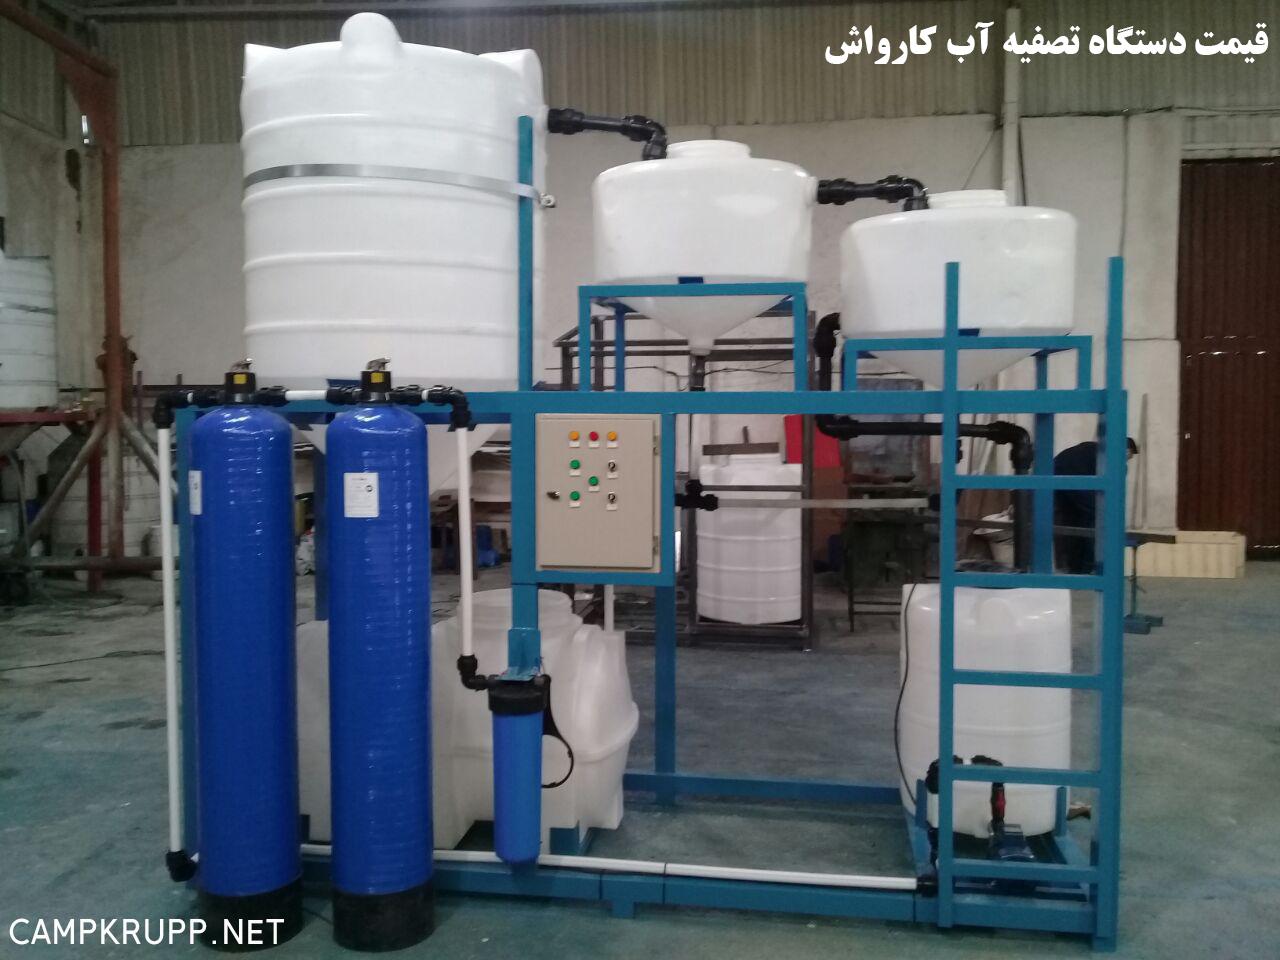 قیمت دستگاه تصفیه آب کارواش